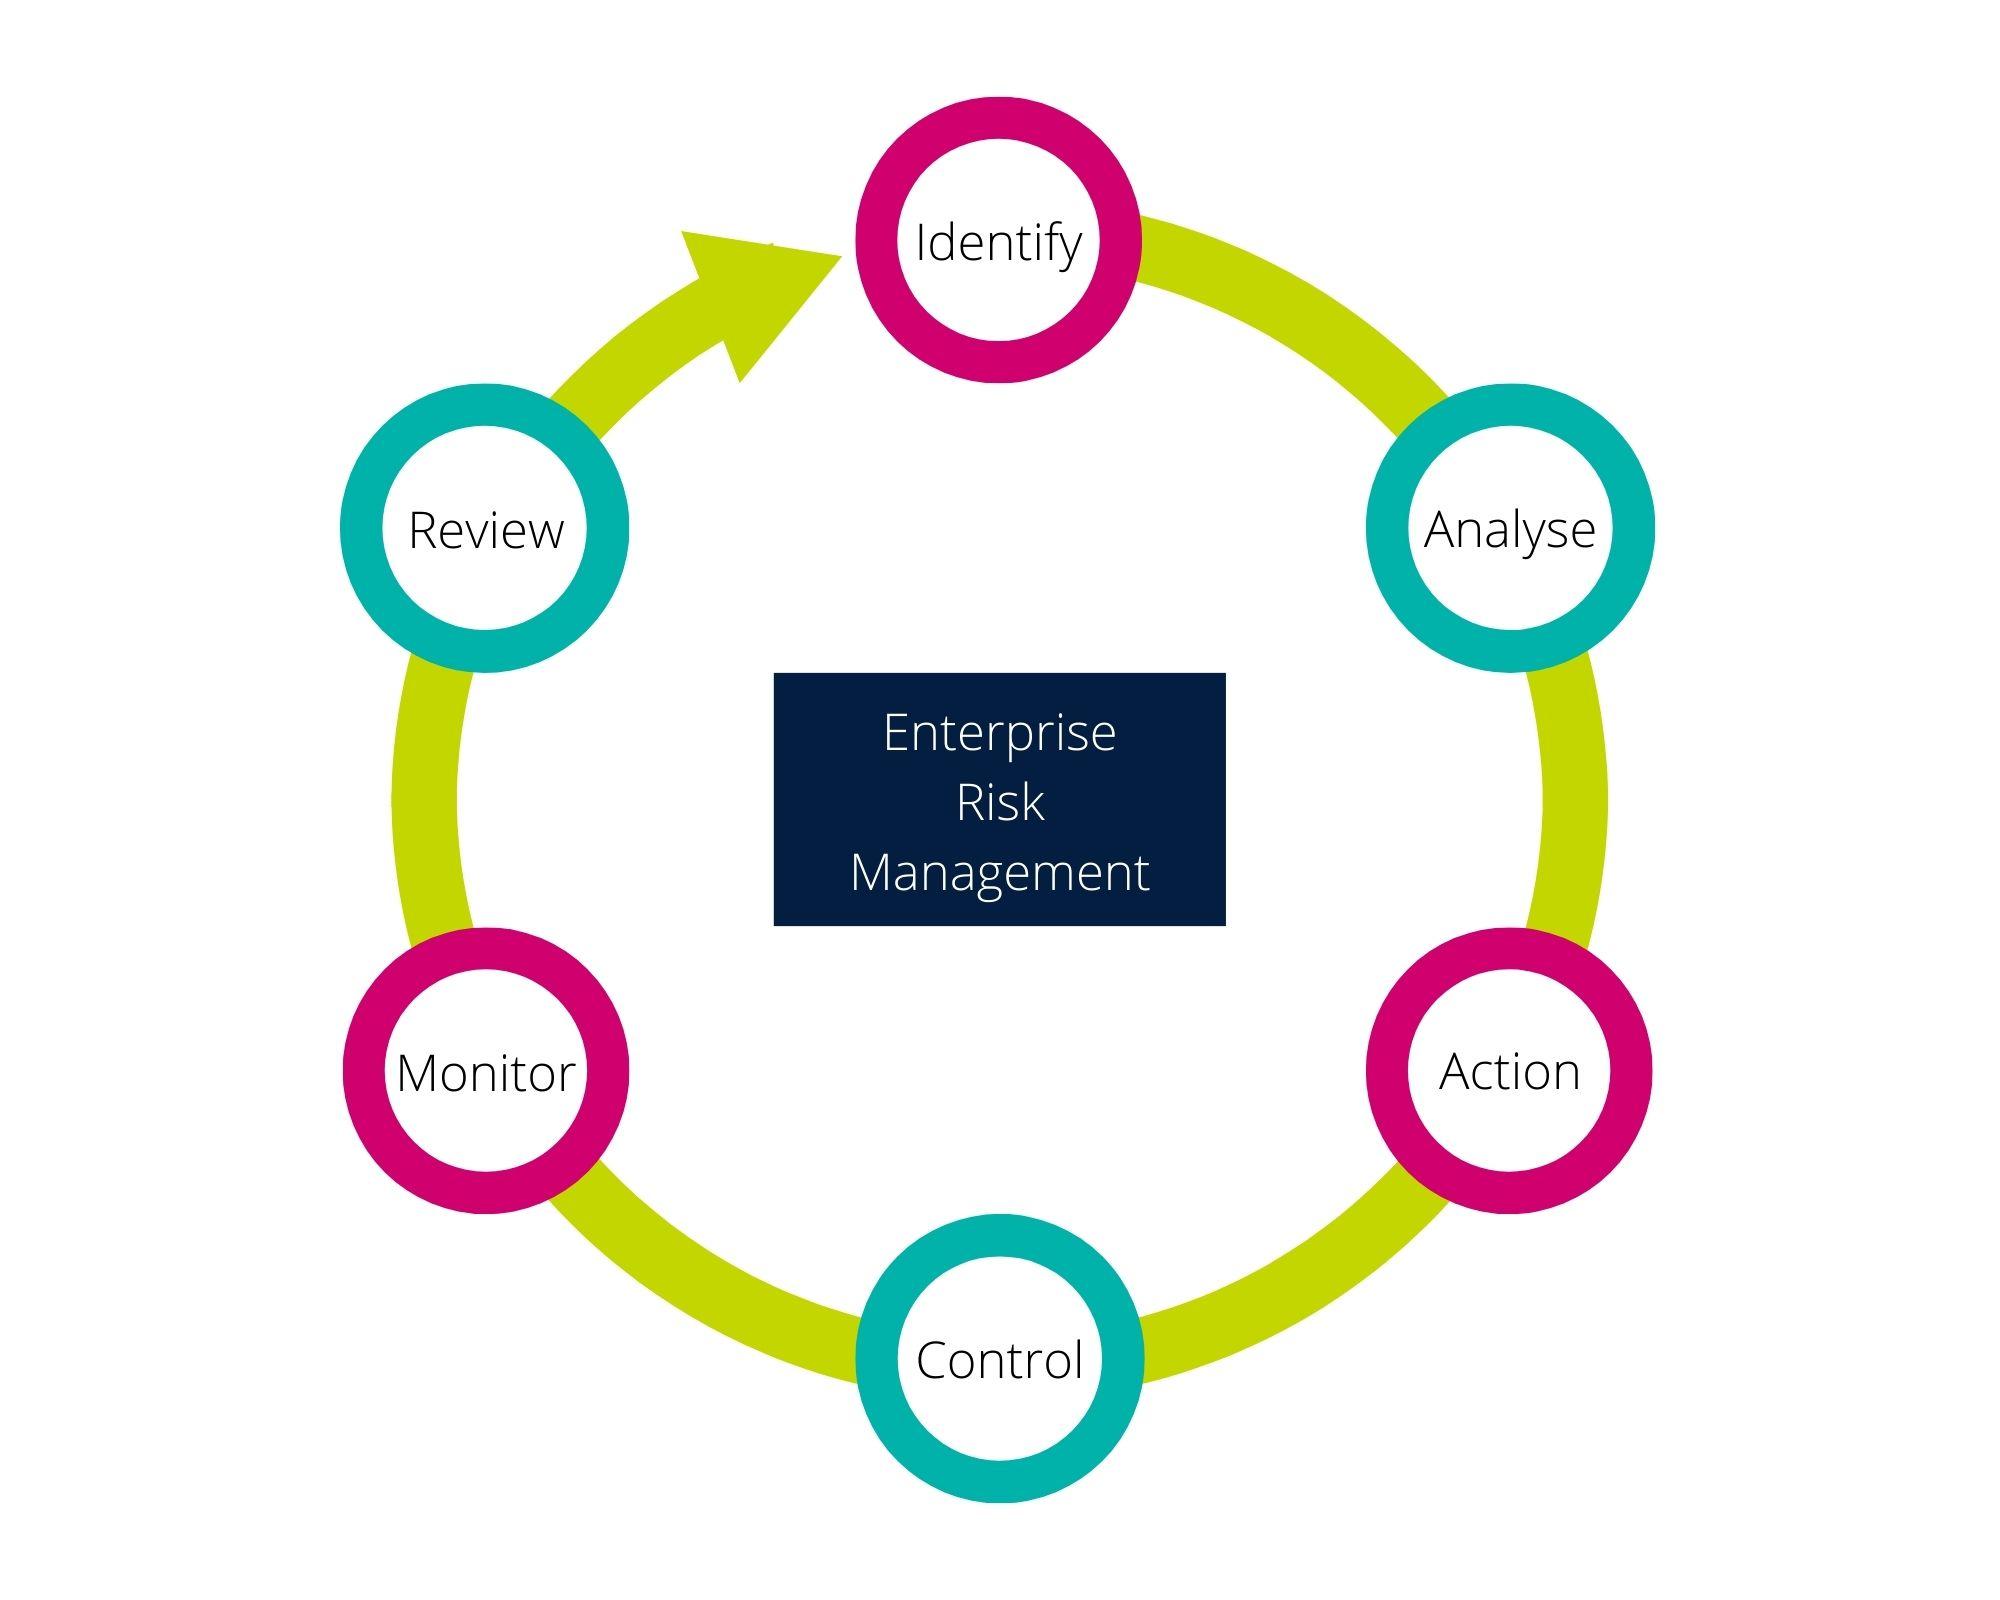 Risk Management Explainer Image